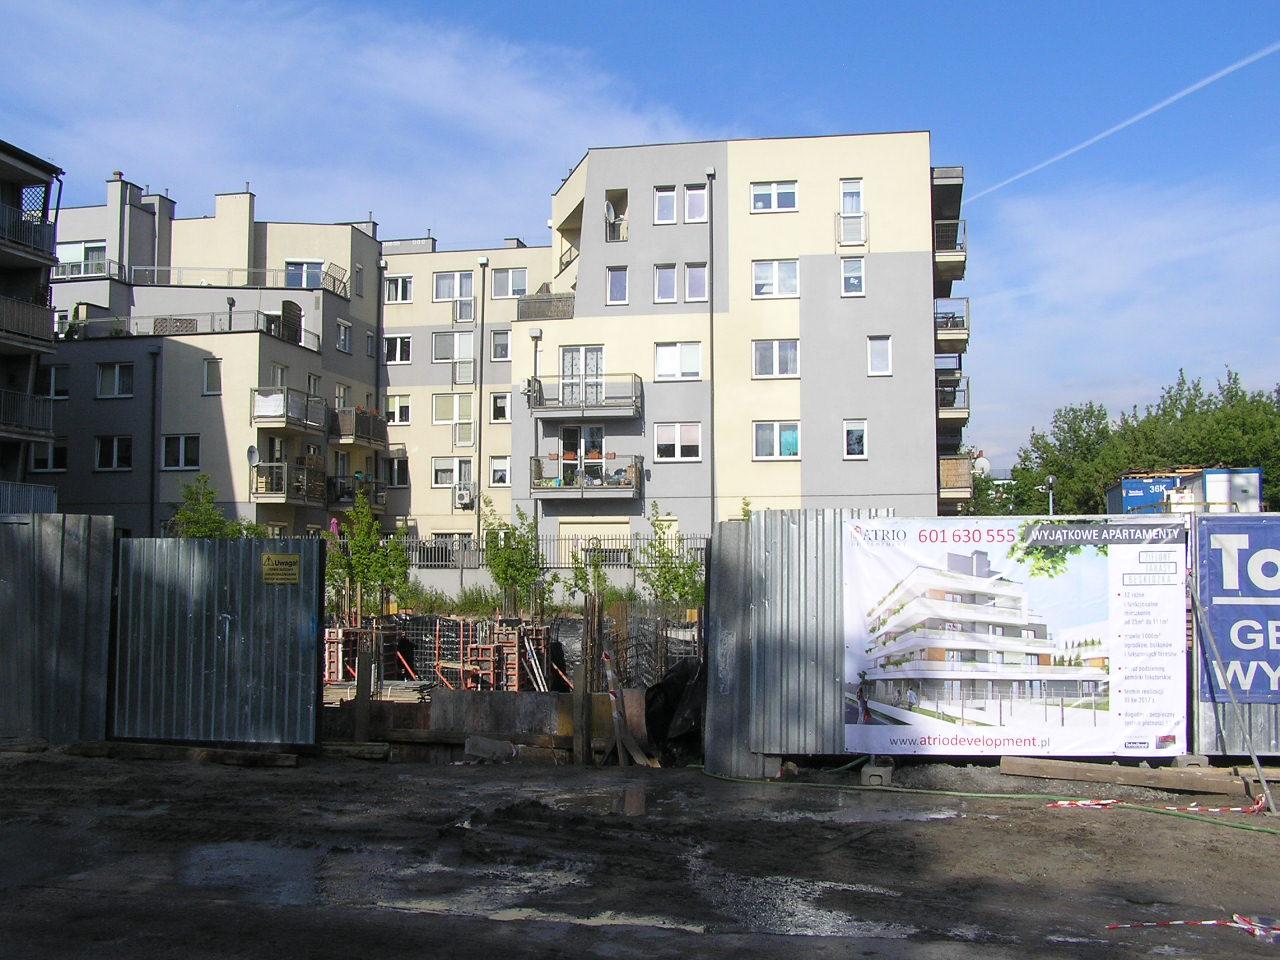 Budowa Totalbud utrudnia życie mieszkańcom